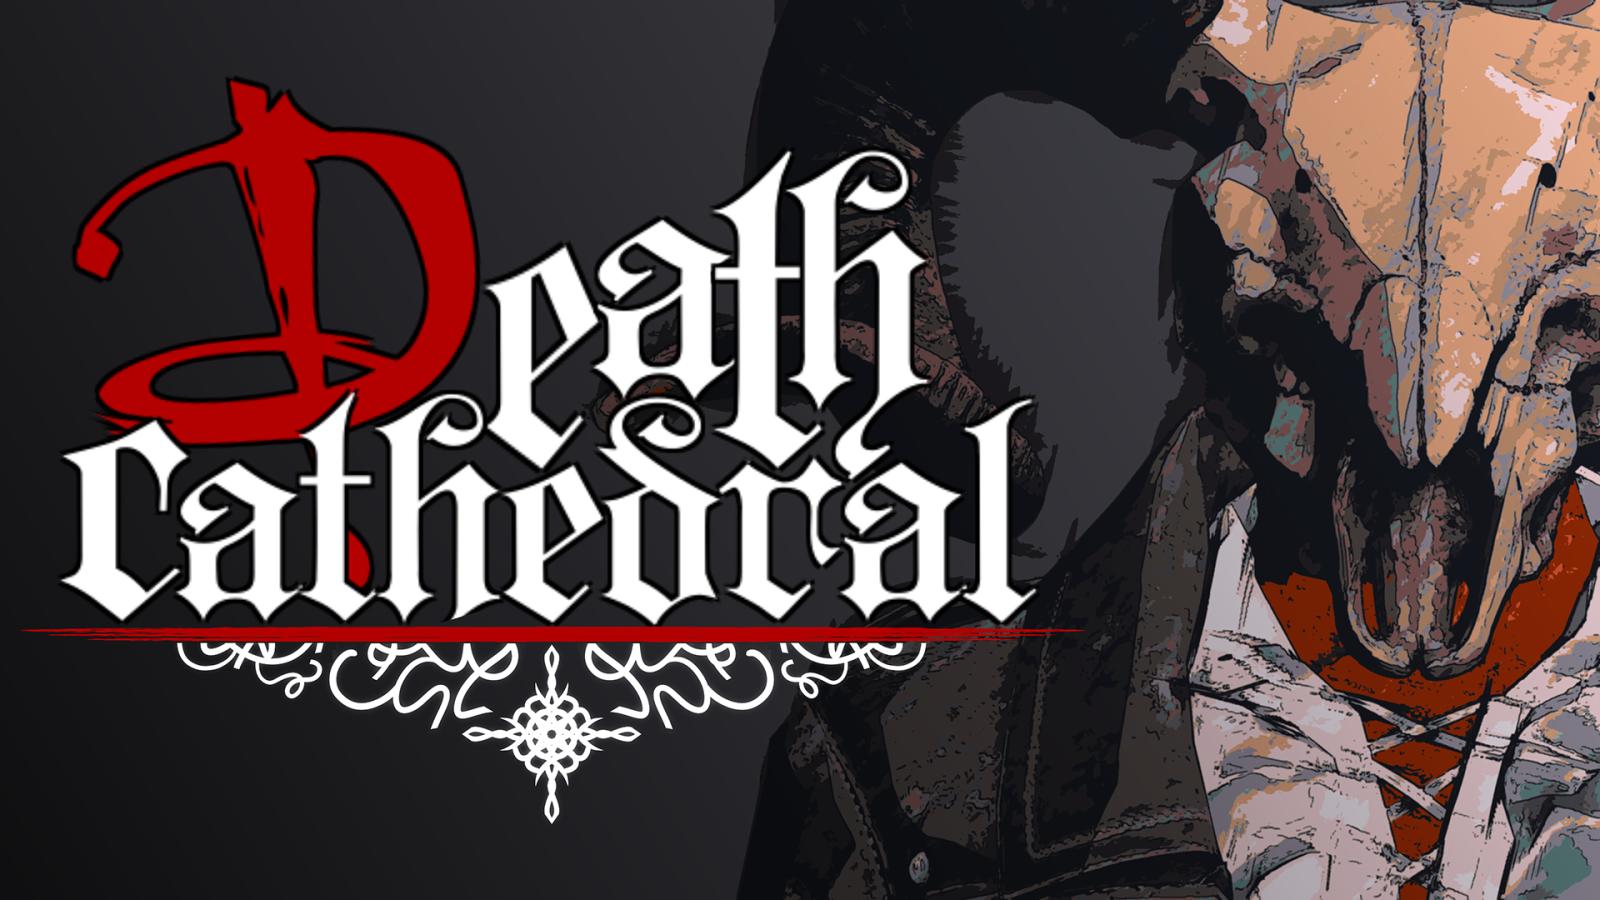 国产横板魂系动作游戏《死亡教堂》试玩Demo现已登陆Steam